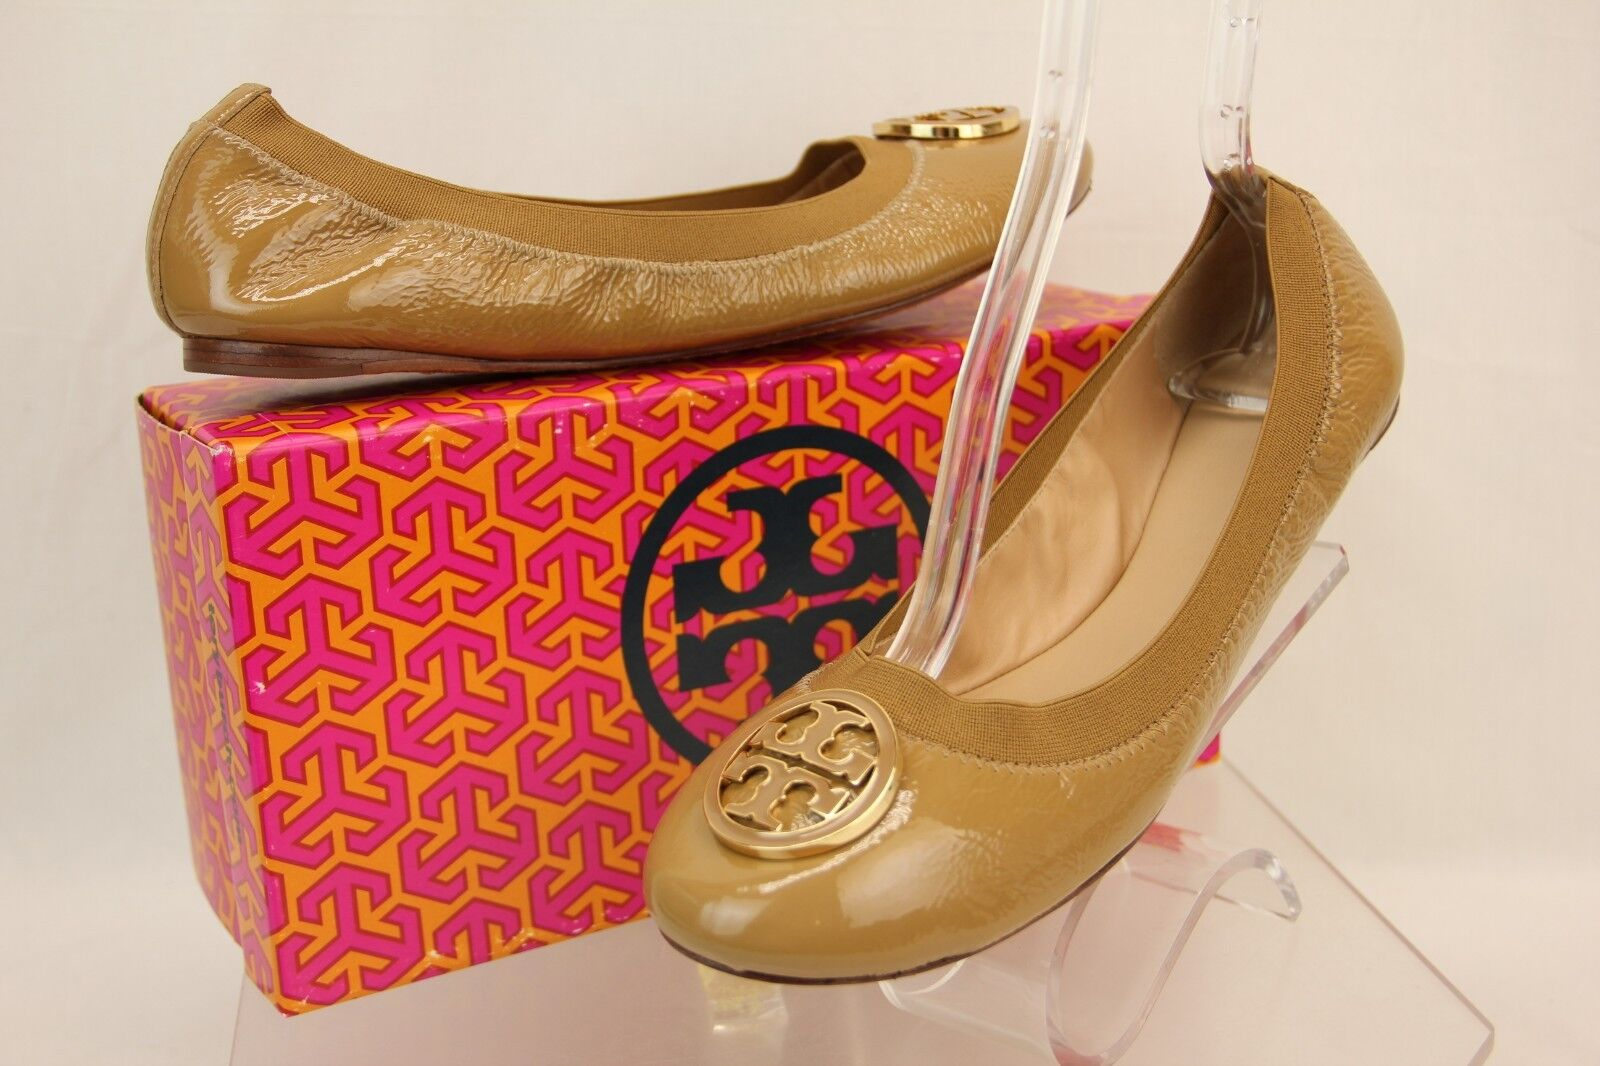 Nuevo Nuevo Nuevo En Caja Tory Burch Caroline Oscuro Arena Charol oro Reva Ballet Zapatos sin Taco Sin 9.5  El nuevo outlet de marcas online.